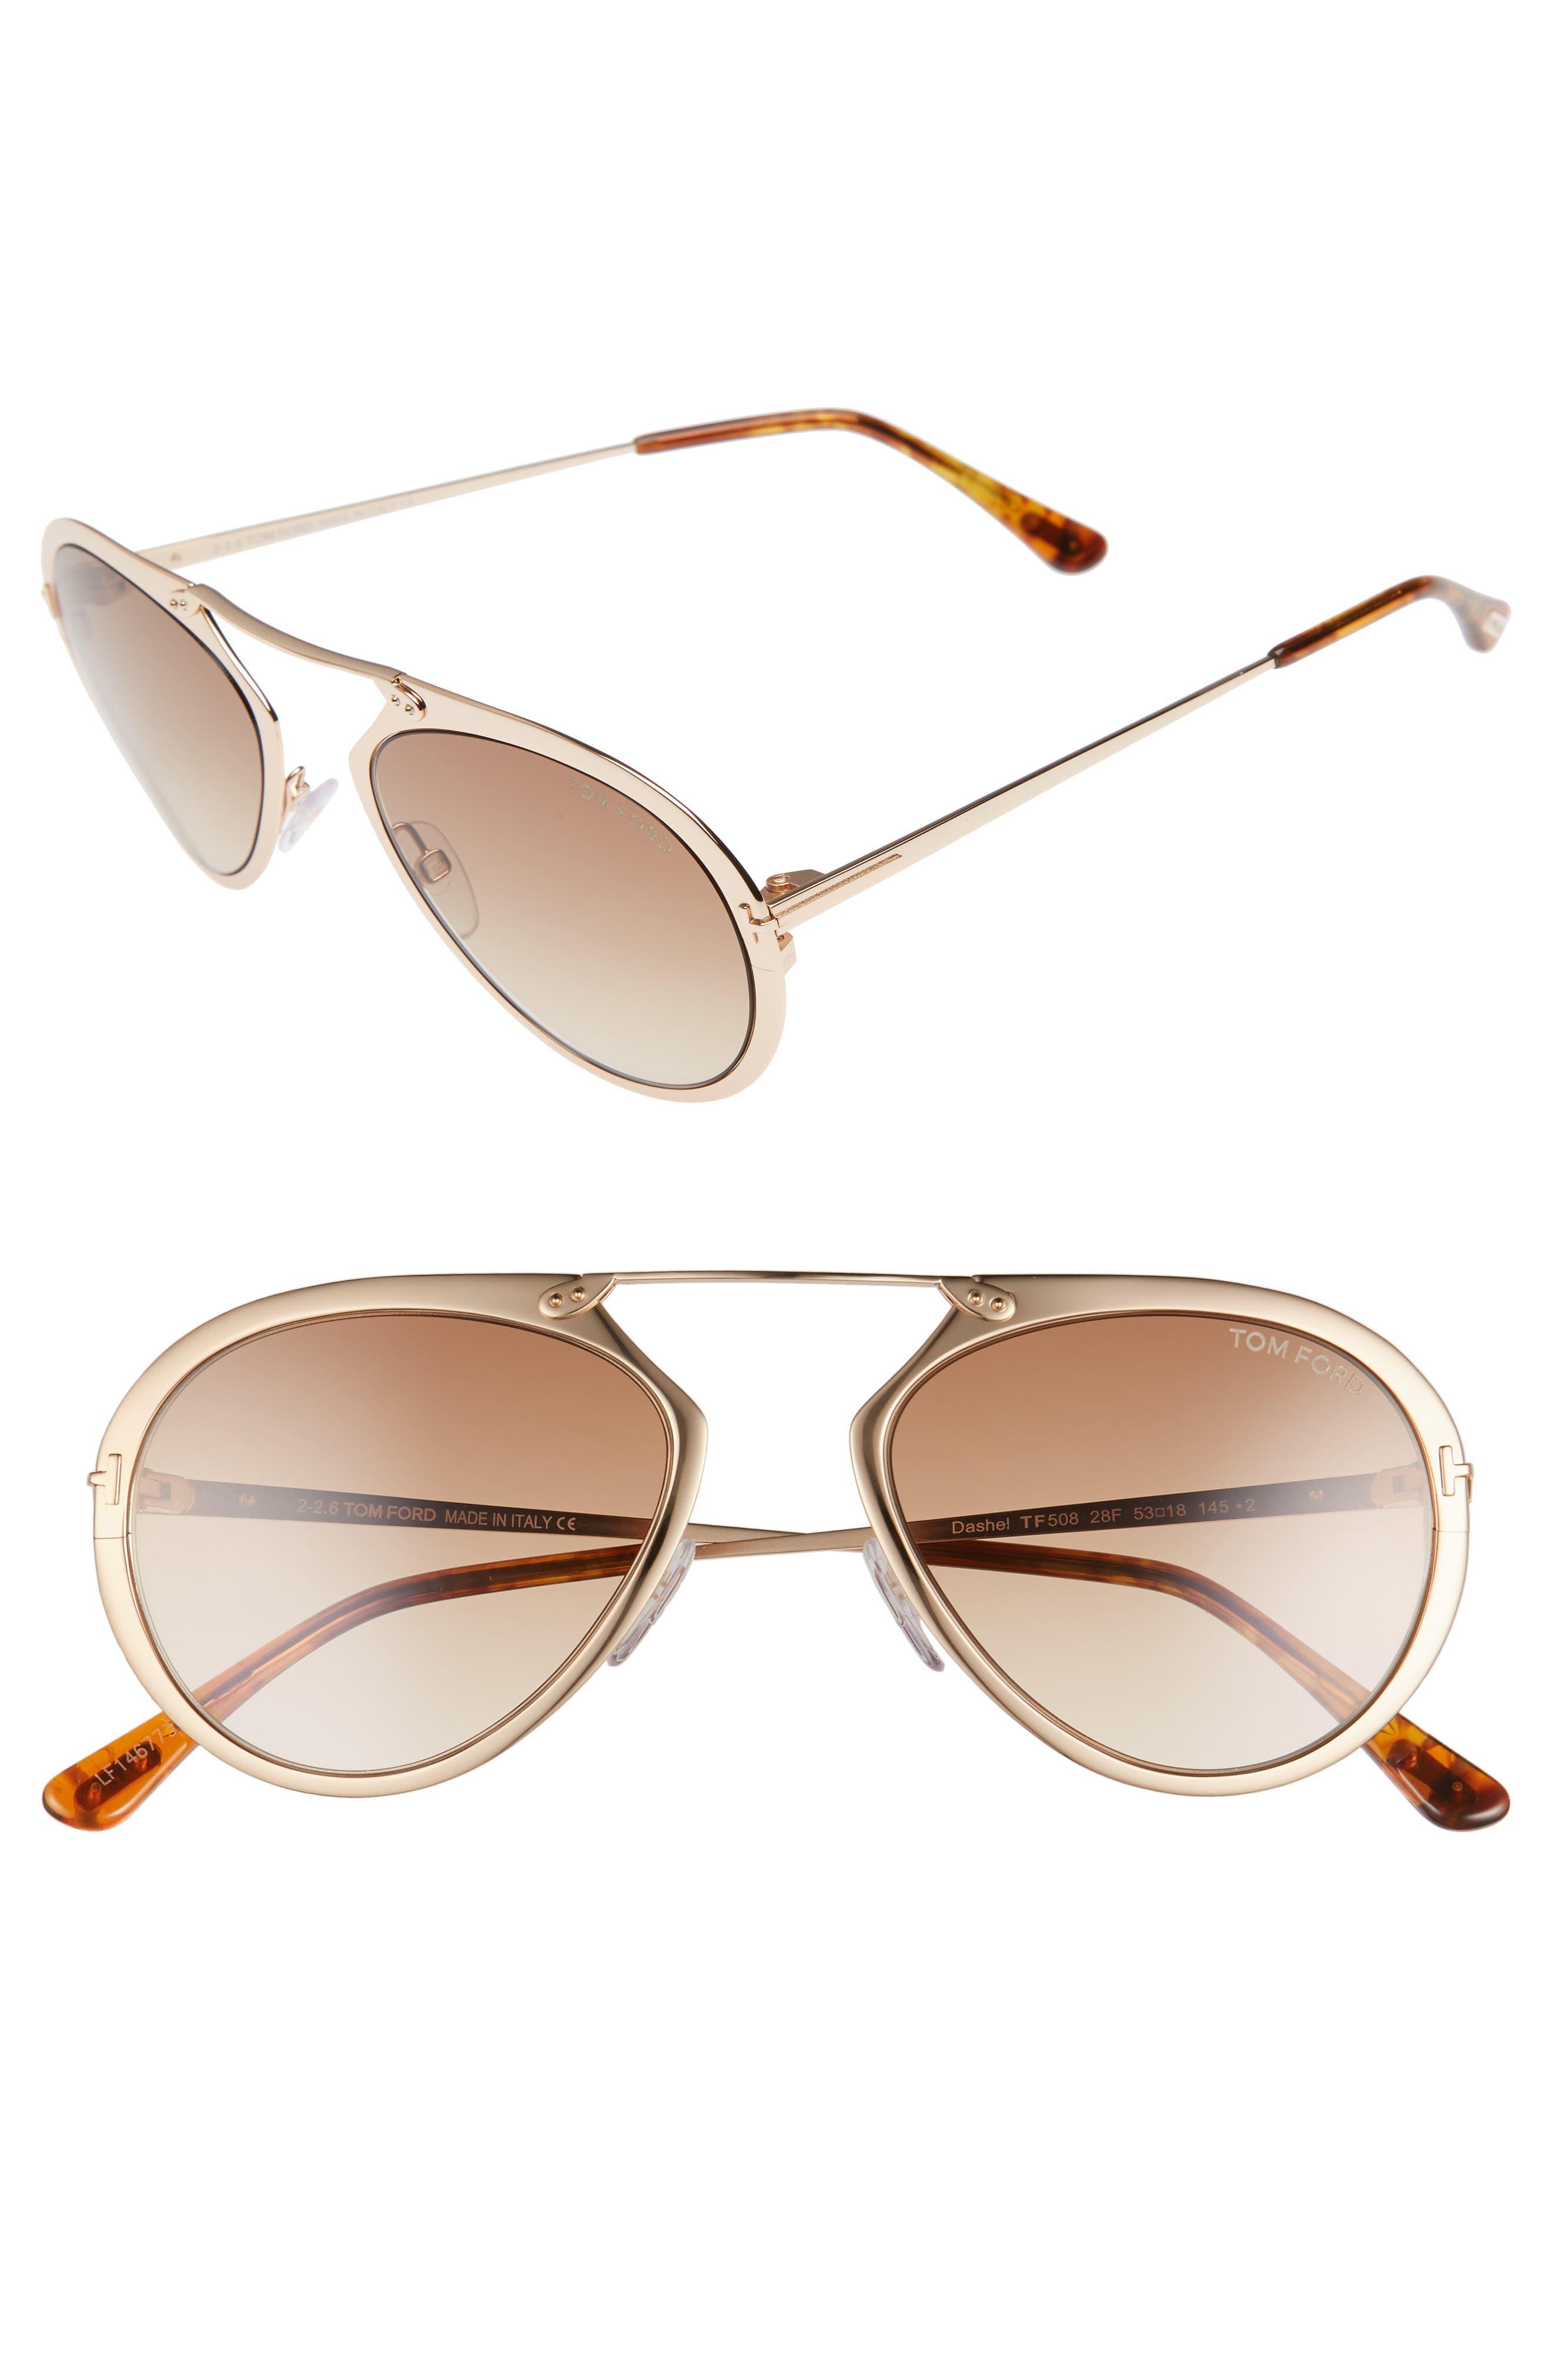 Alternate Image 1 Selected - Tom Ford Dashel 58mm Aviator Sunglasses